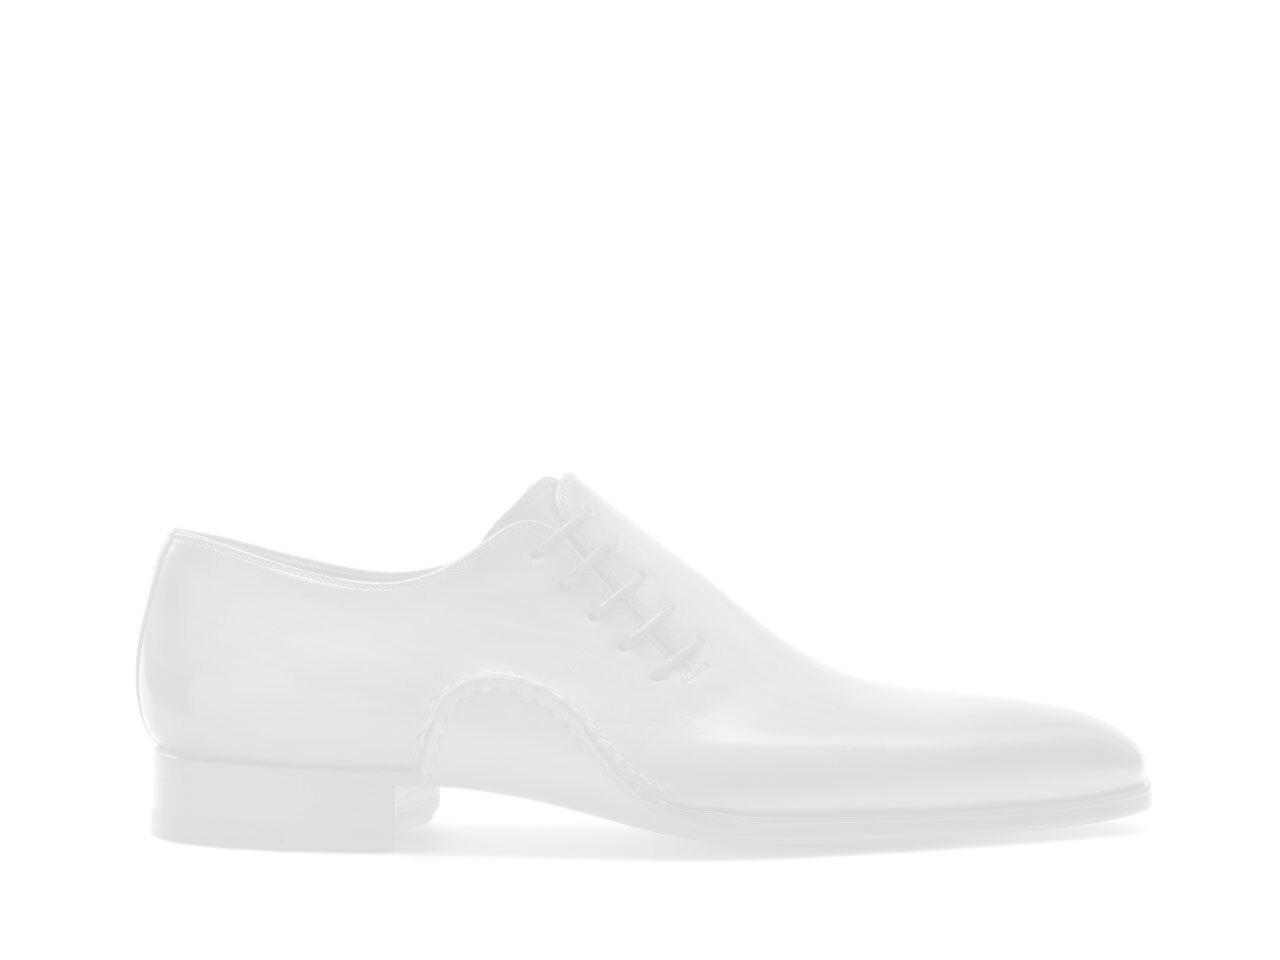 Pair of the Magnanni Keane Cognac Men's Oxford Shoes